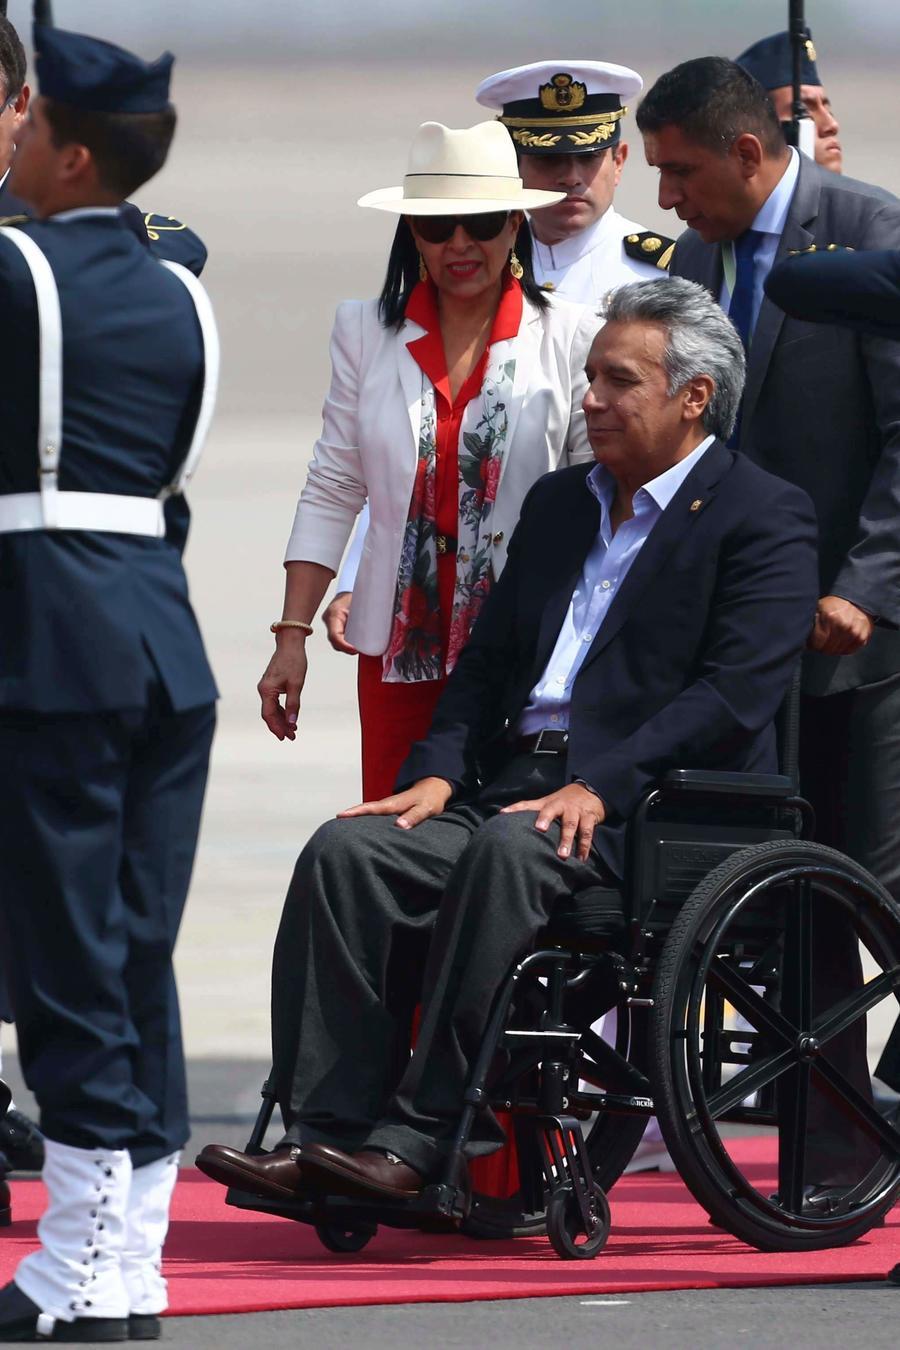 El presidente ecuatoriano Lenín Moreno es desplazado frente a una guardia de honor a su llegada a Lima para participar en la Cumbre de las Américas, el jueves 12 de abril de 2018.